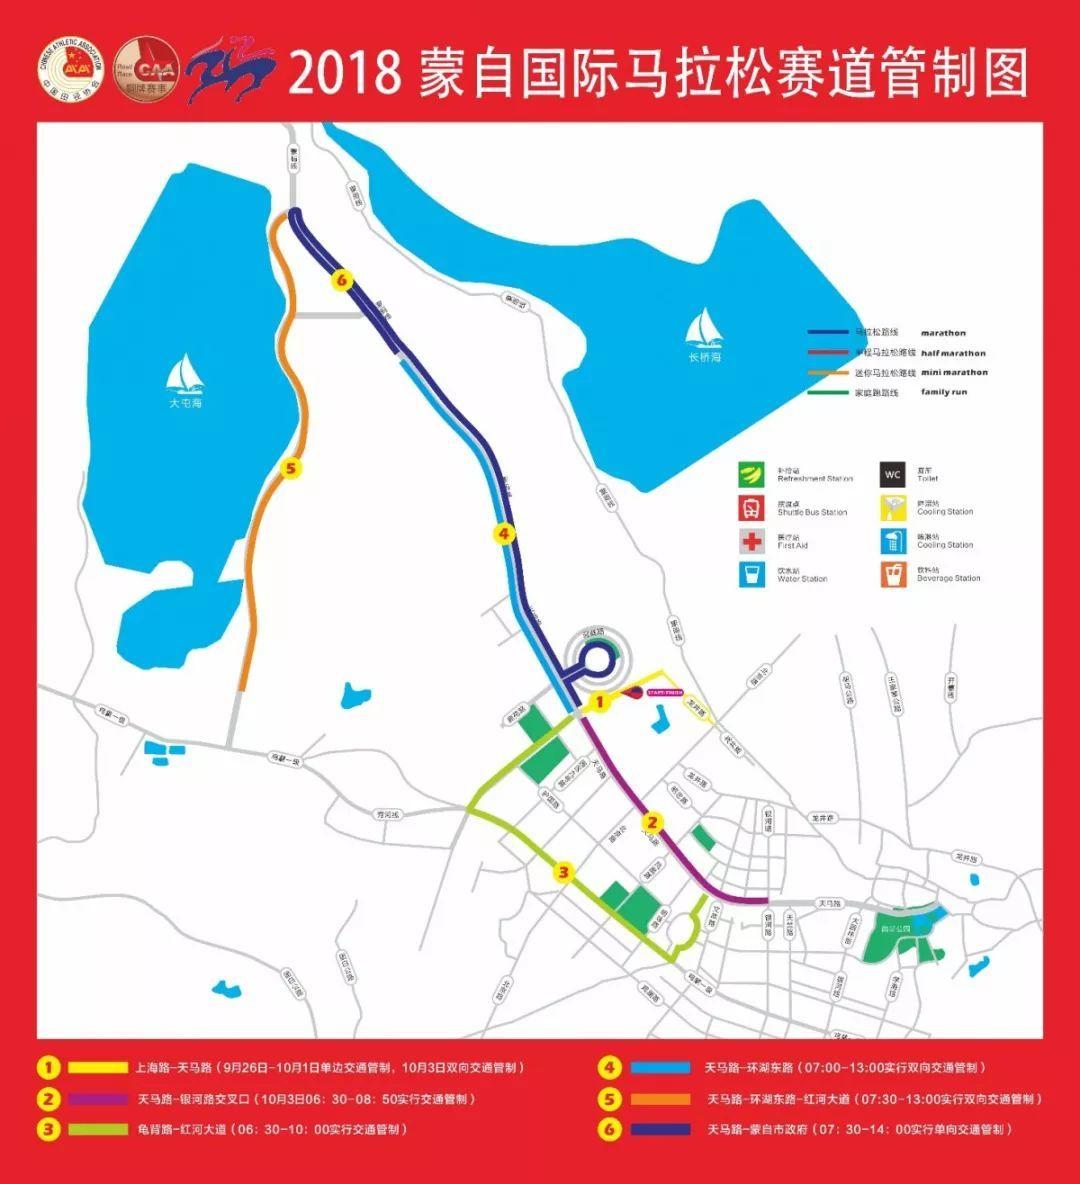 老司机看这里,2018年蒙自国际马拉松交通管制来了